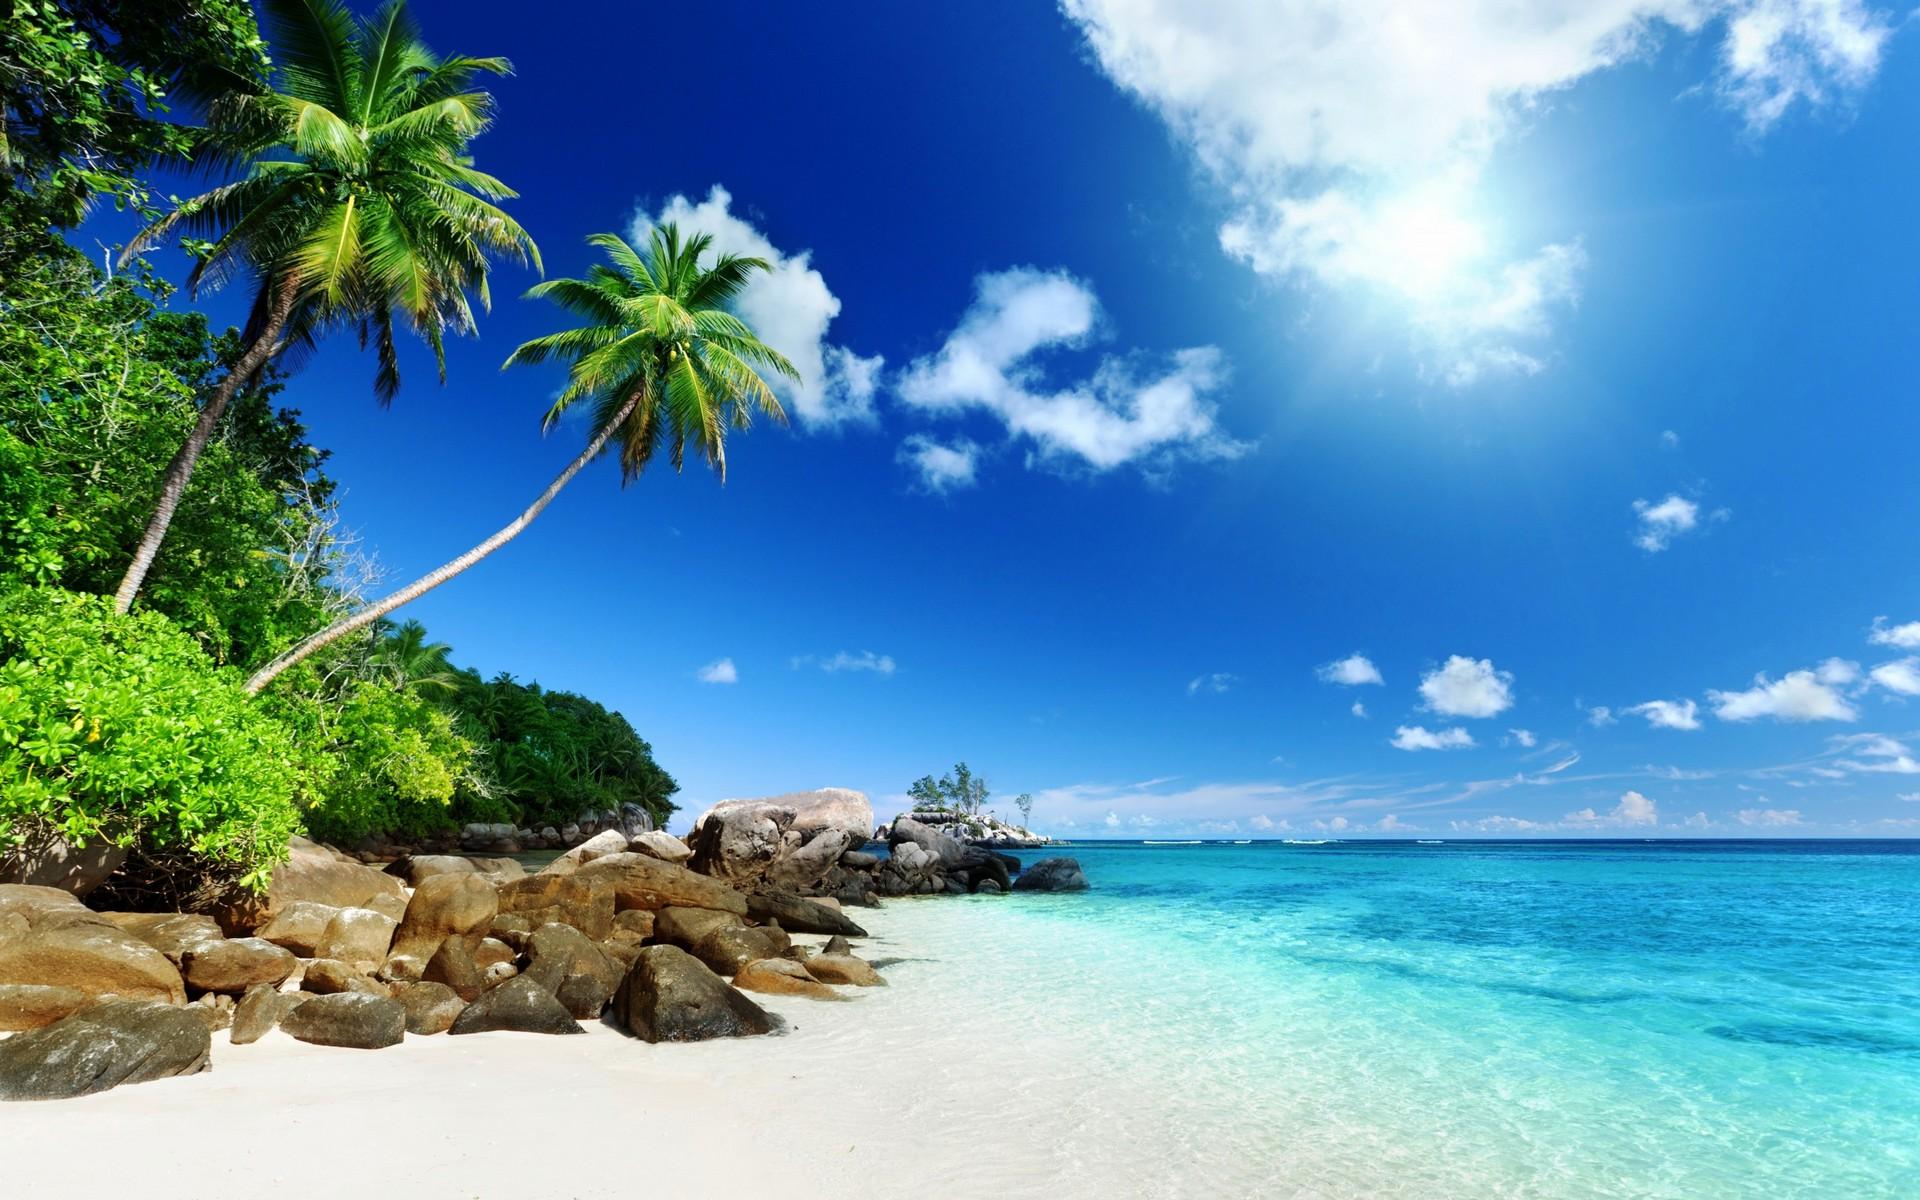 Tropical Desktop Backgrounds Related Keywords ...